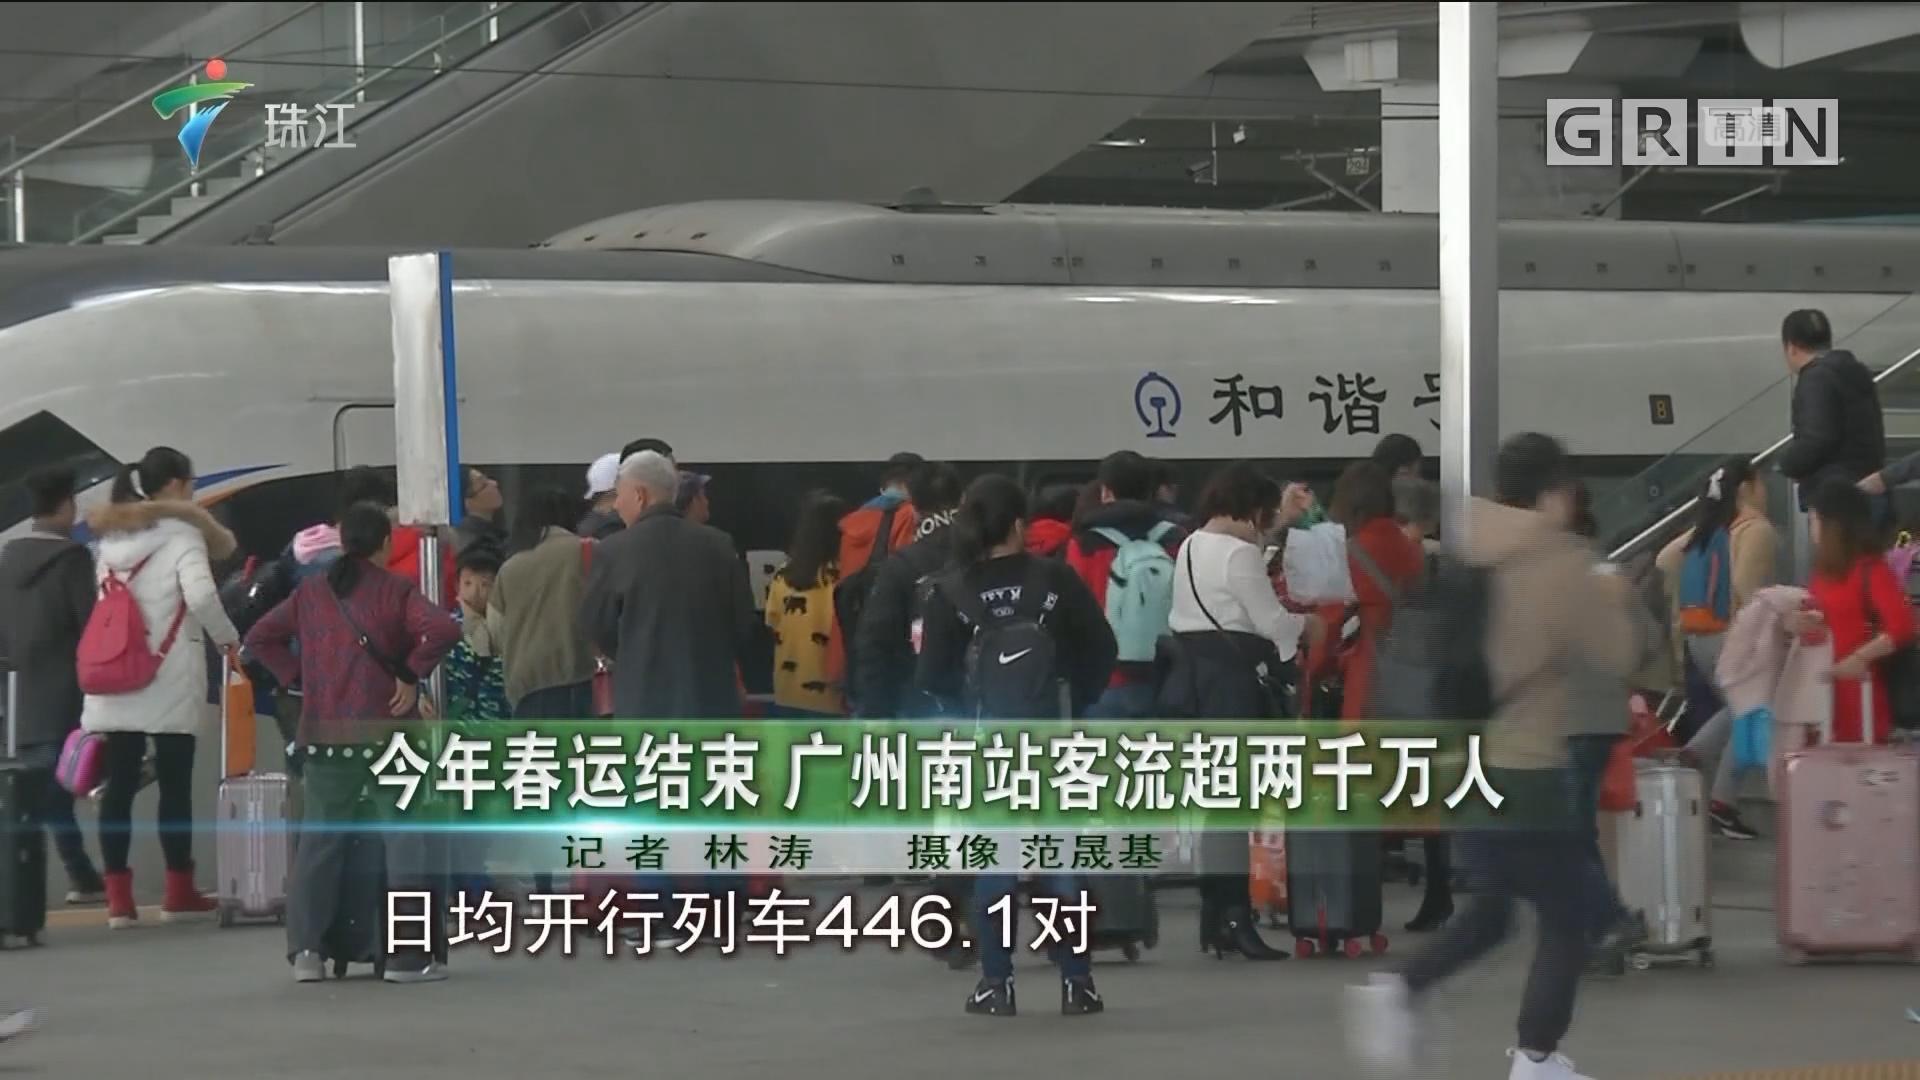 今年春运结束 广州南站客流超两千万人